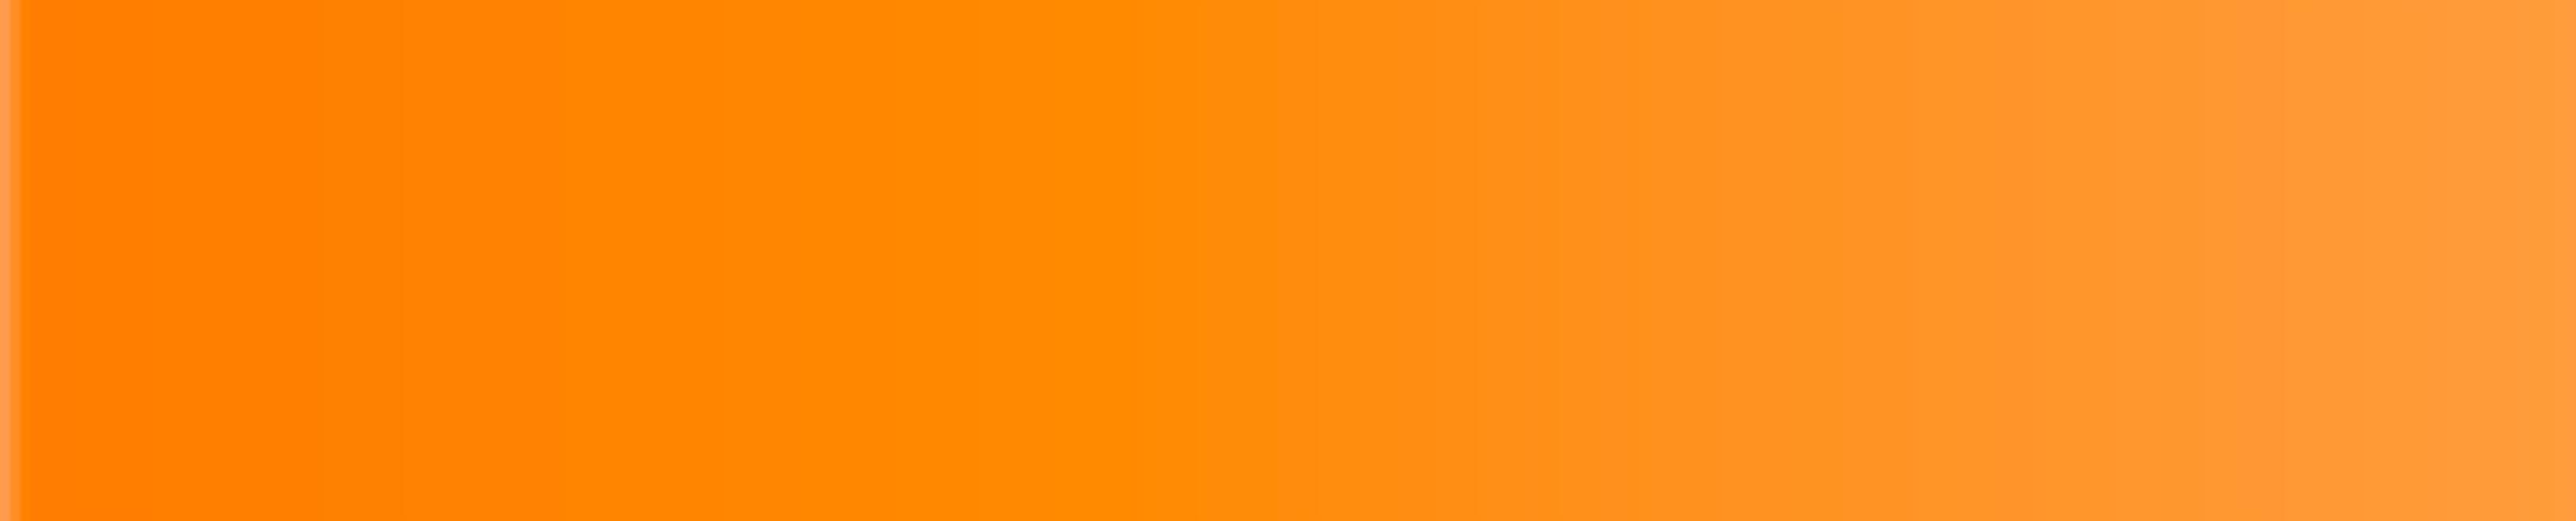 faixa laranja 2.png